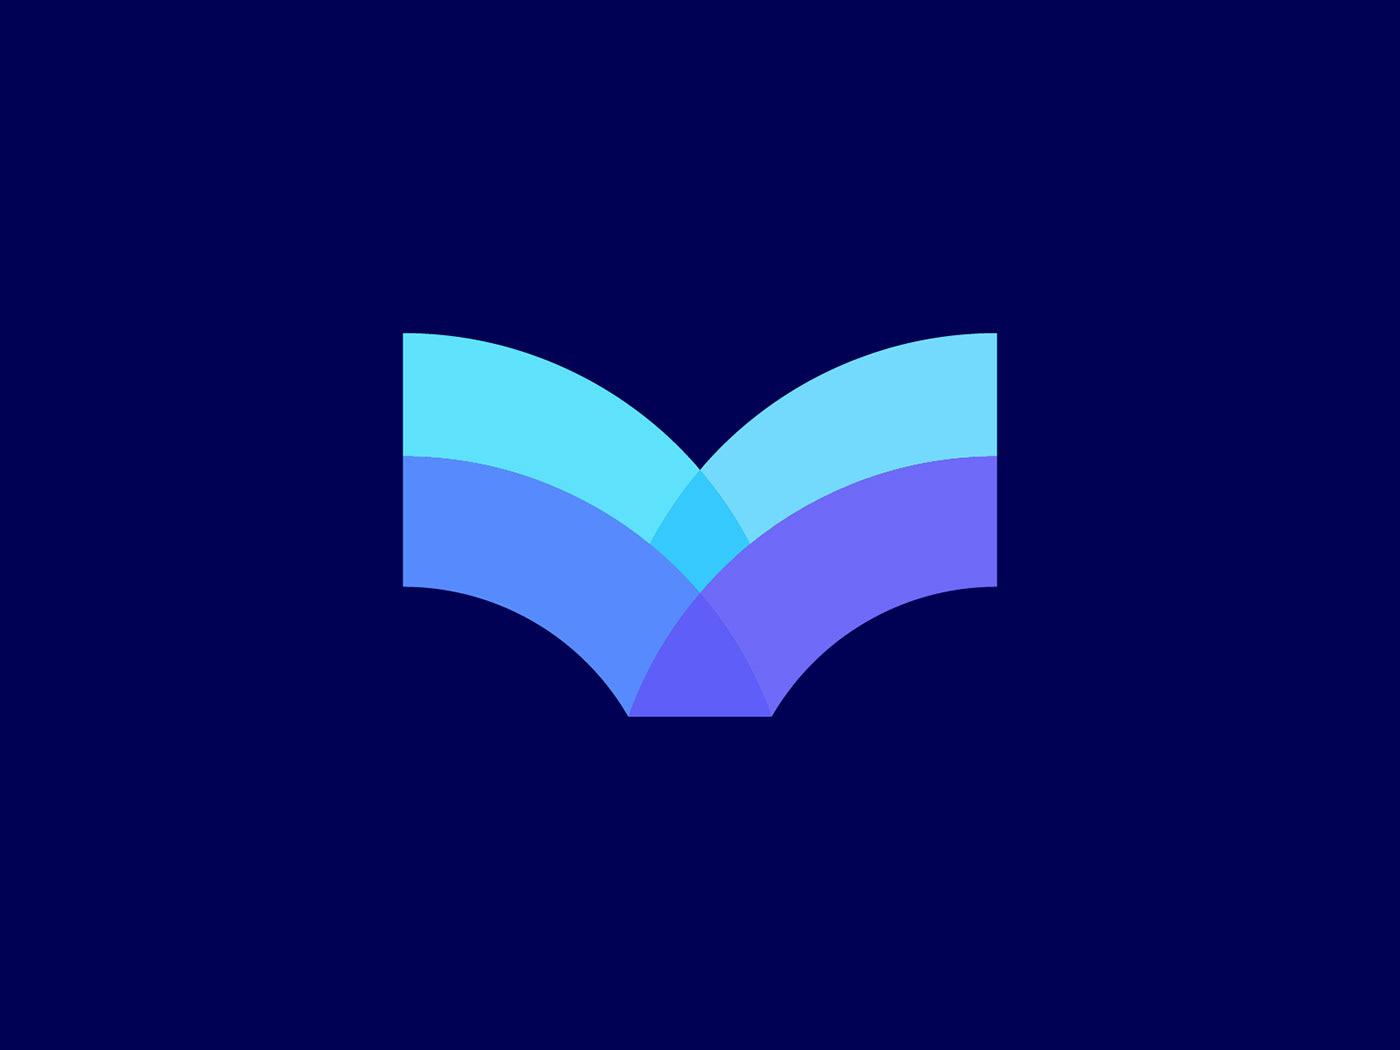 Vetsfer-modern-logo-and-branding-design-v-letter-logo-money-transfer-logo